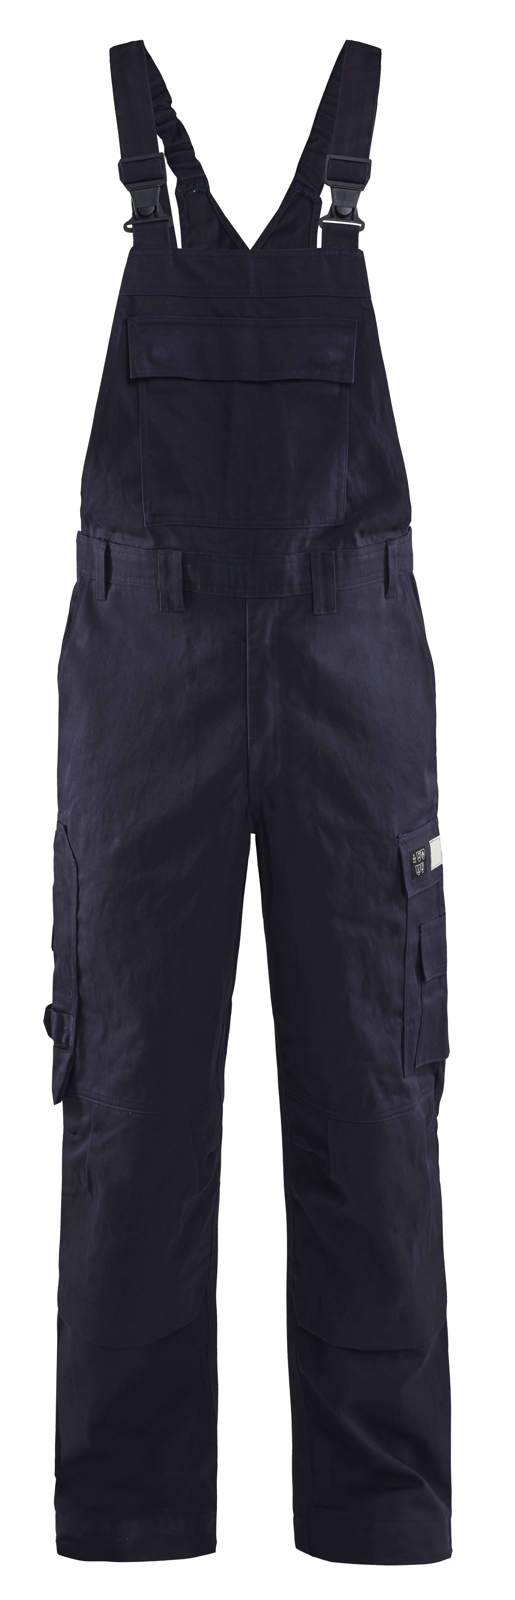 Blaklader Am. Overalls 28241516 Vlamvertragend marineblauw(8900)